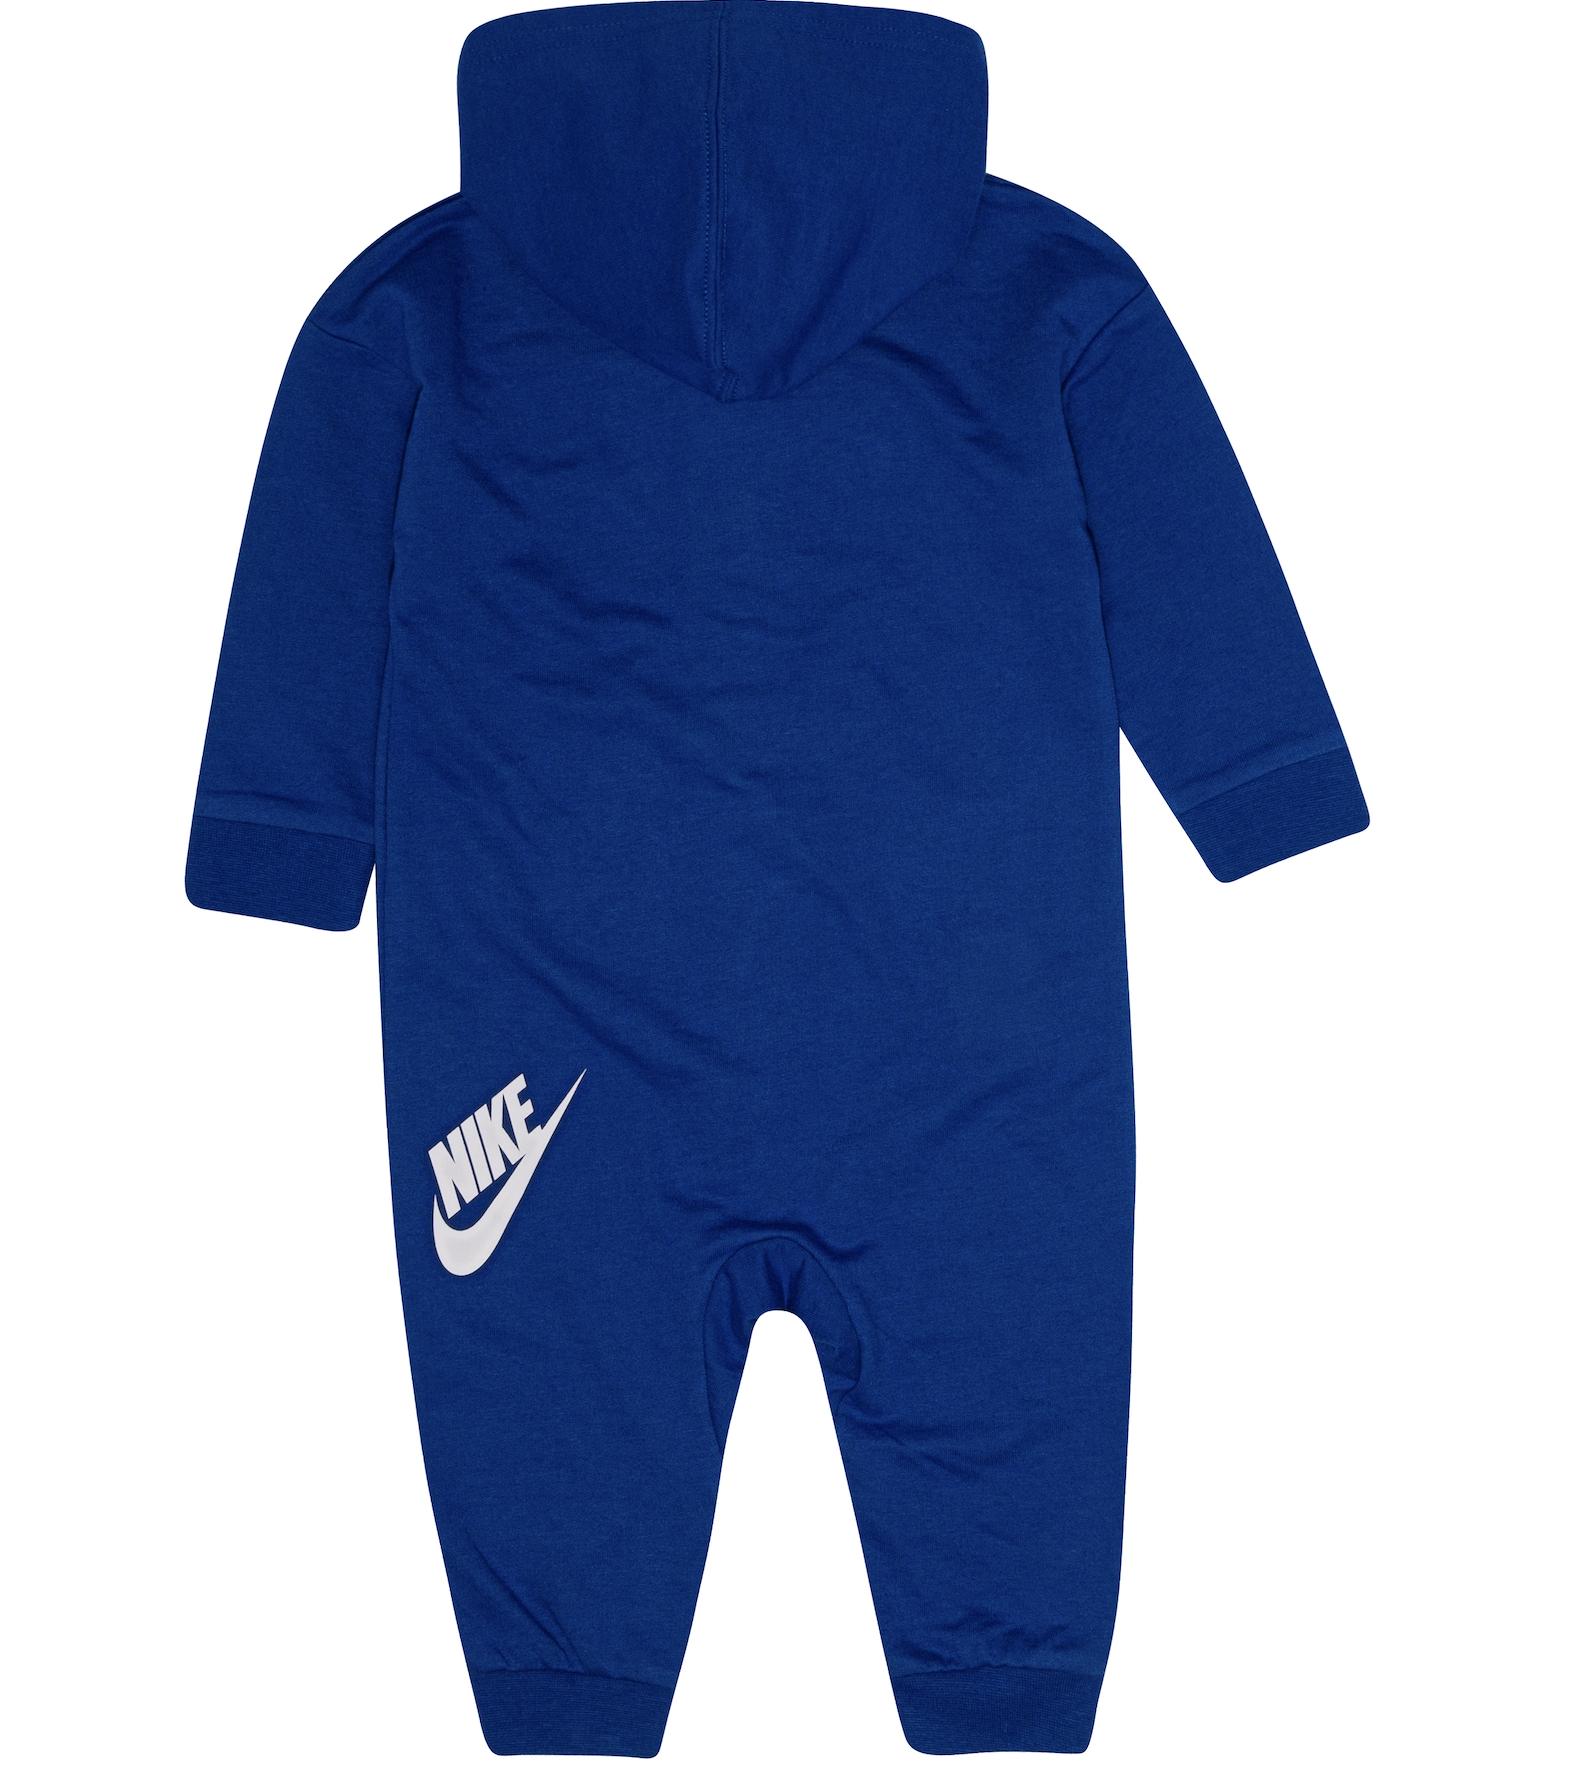 Bilde av Nike baby coverall 5NB954-U89